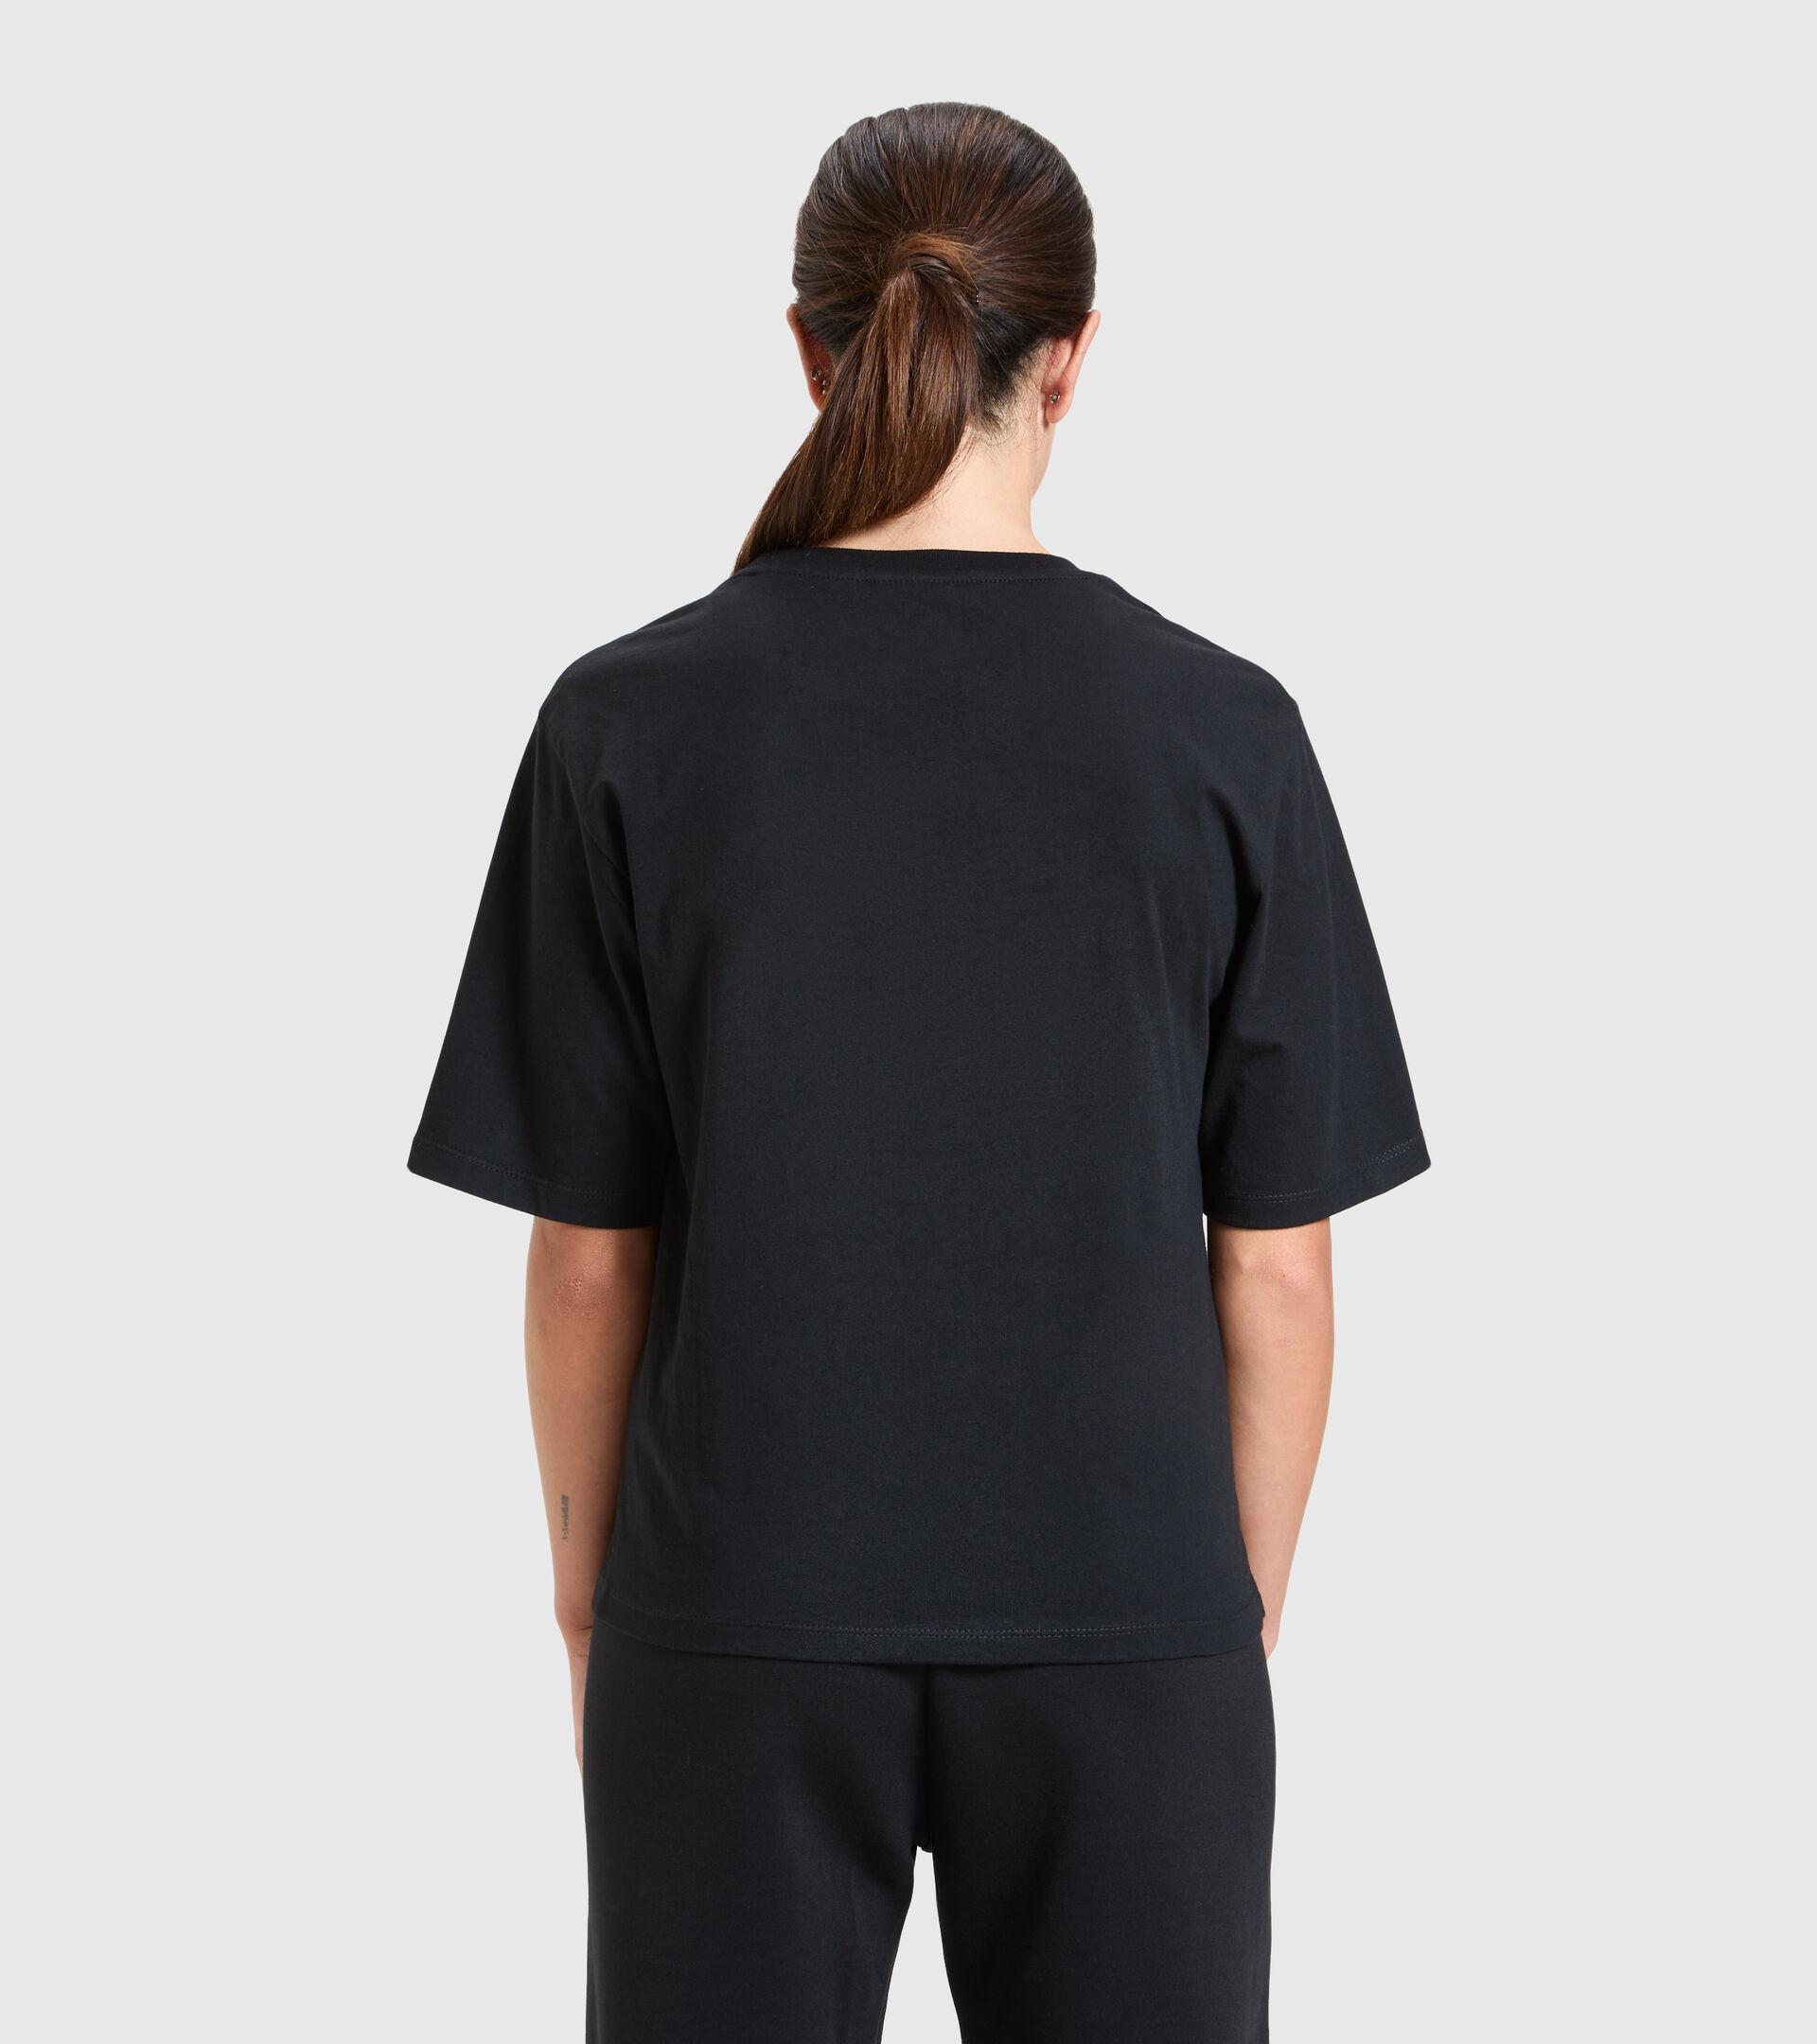 T-Shirt - Damen L. T-SHIRT SS URBANITY SCHWARZ - Diadora